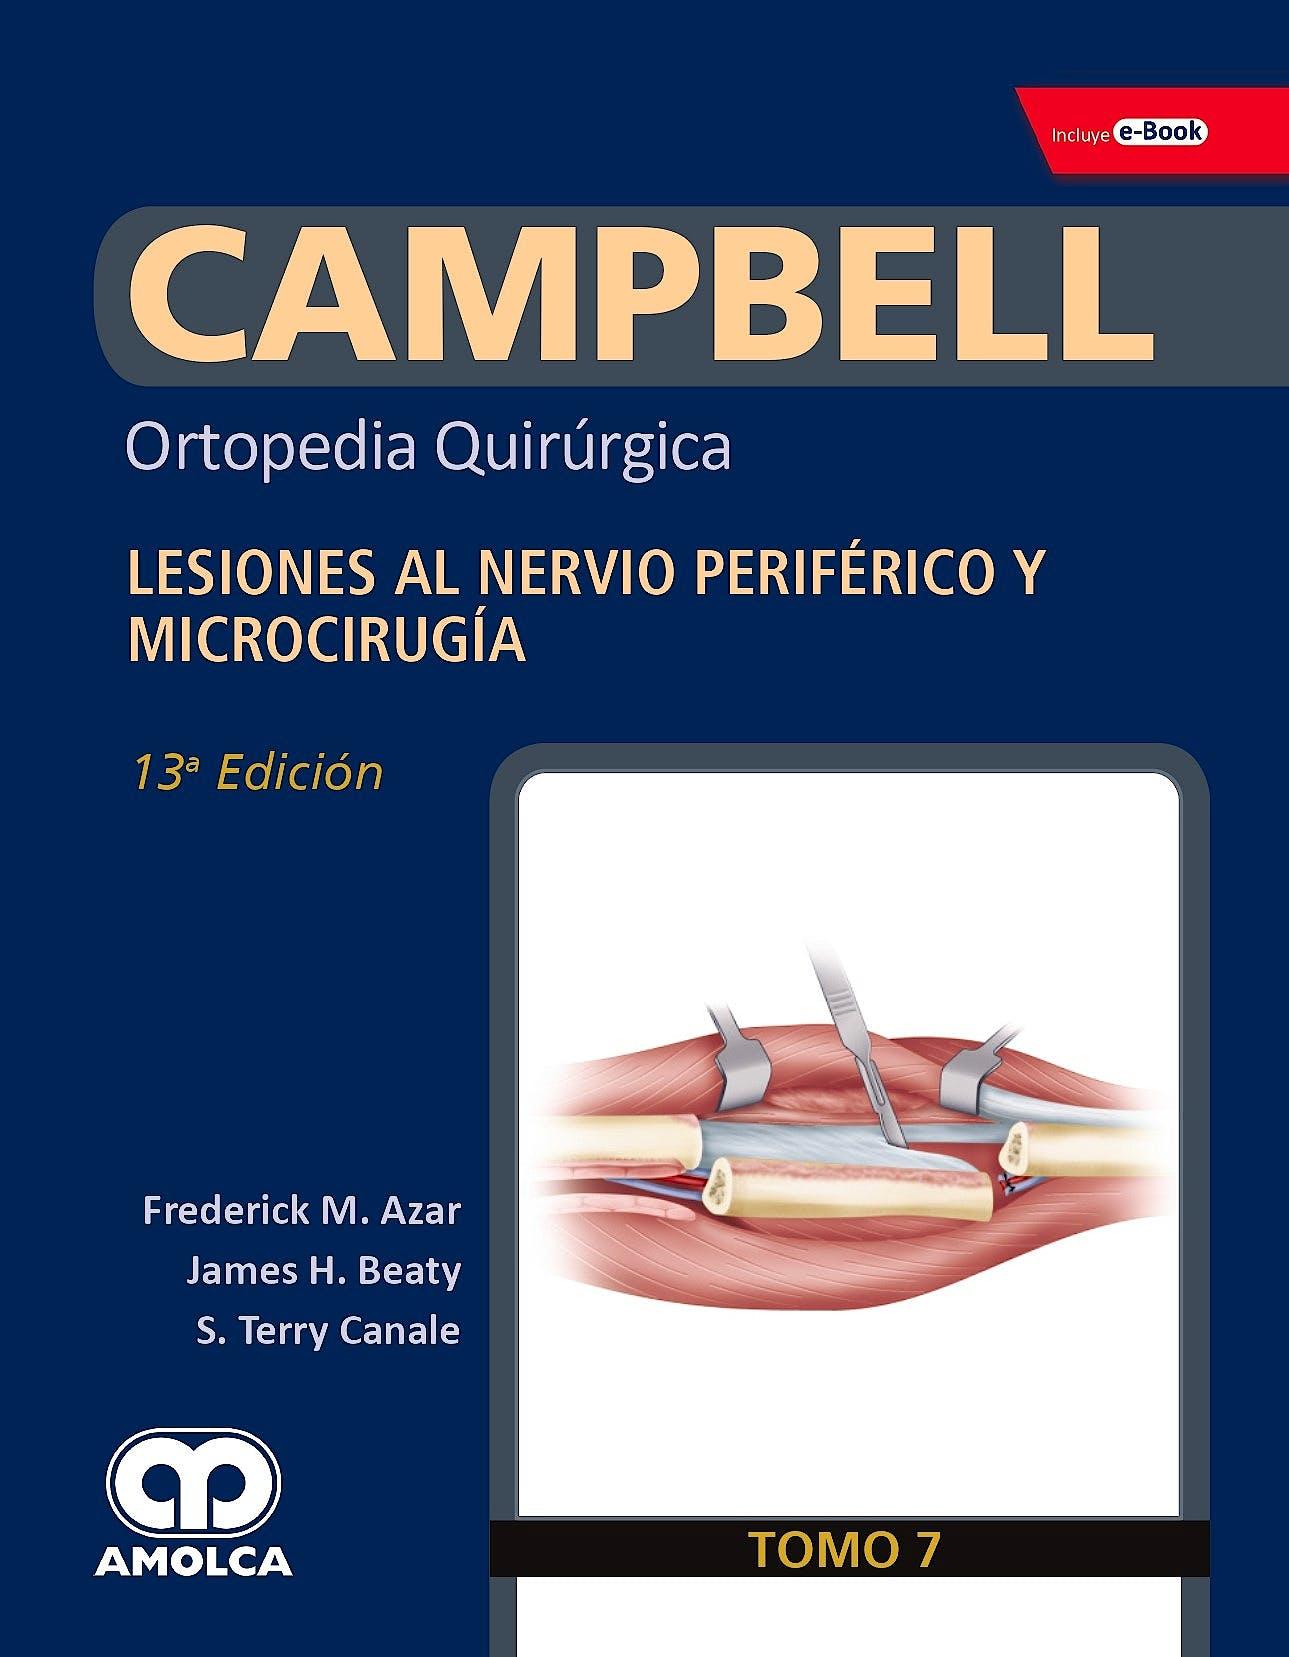 Portada del libro 9789804300622 CAMPBELL Ortopedia Quirúrgica, Tomo 7: Lesiones al Nervio Periférico y Microcirugía